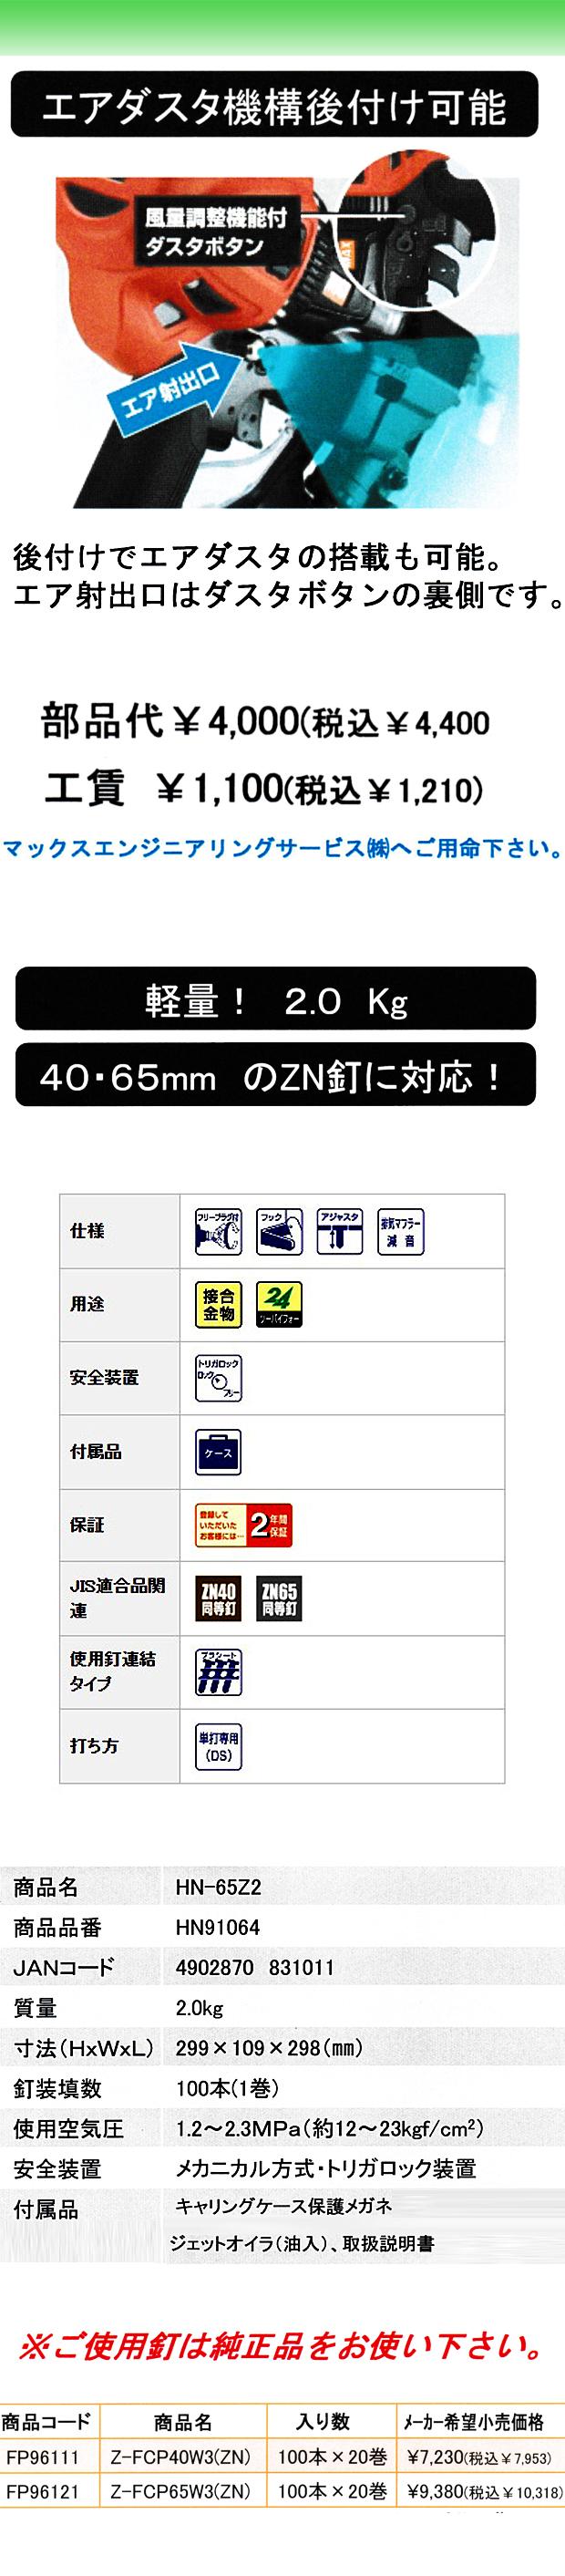 MAX 高圧コイルネイラHN-65Z2